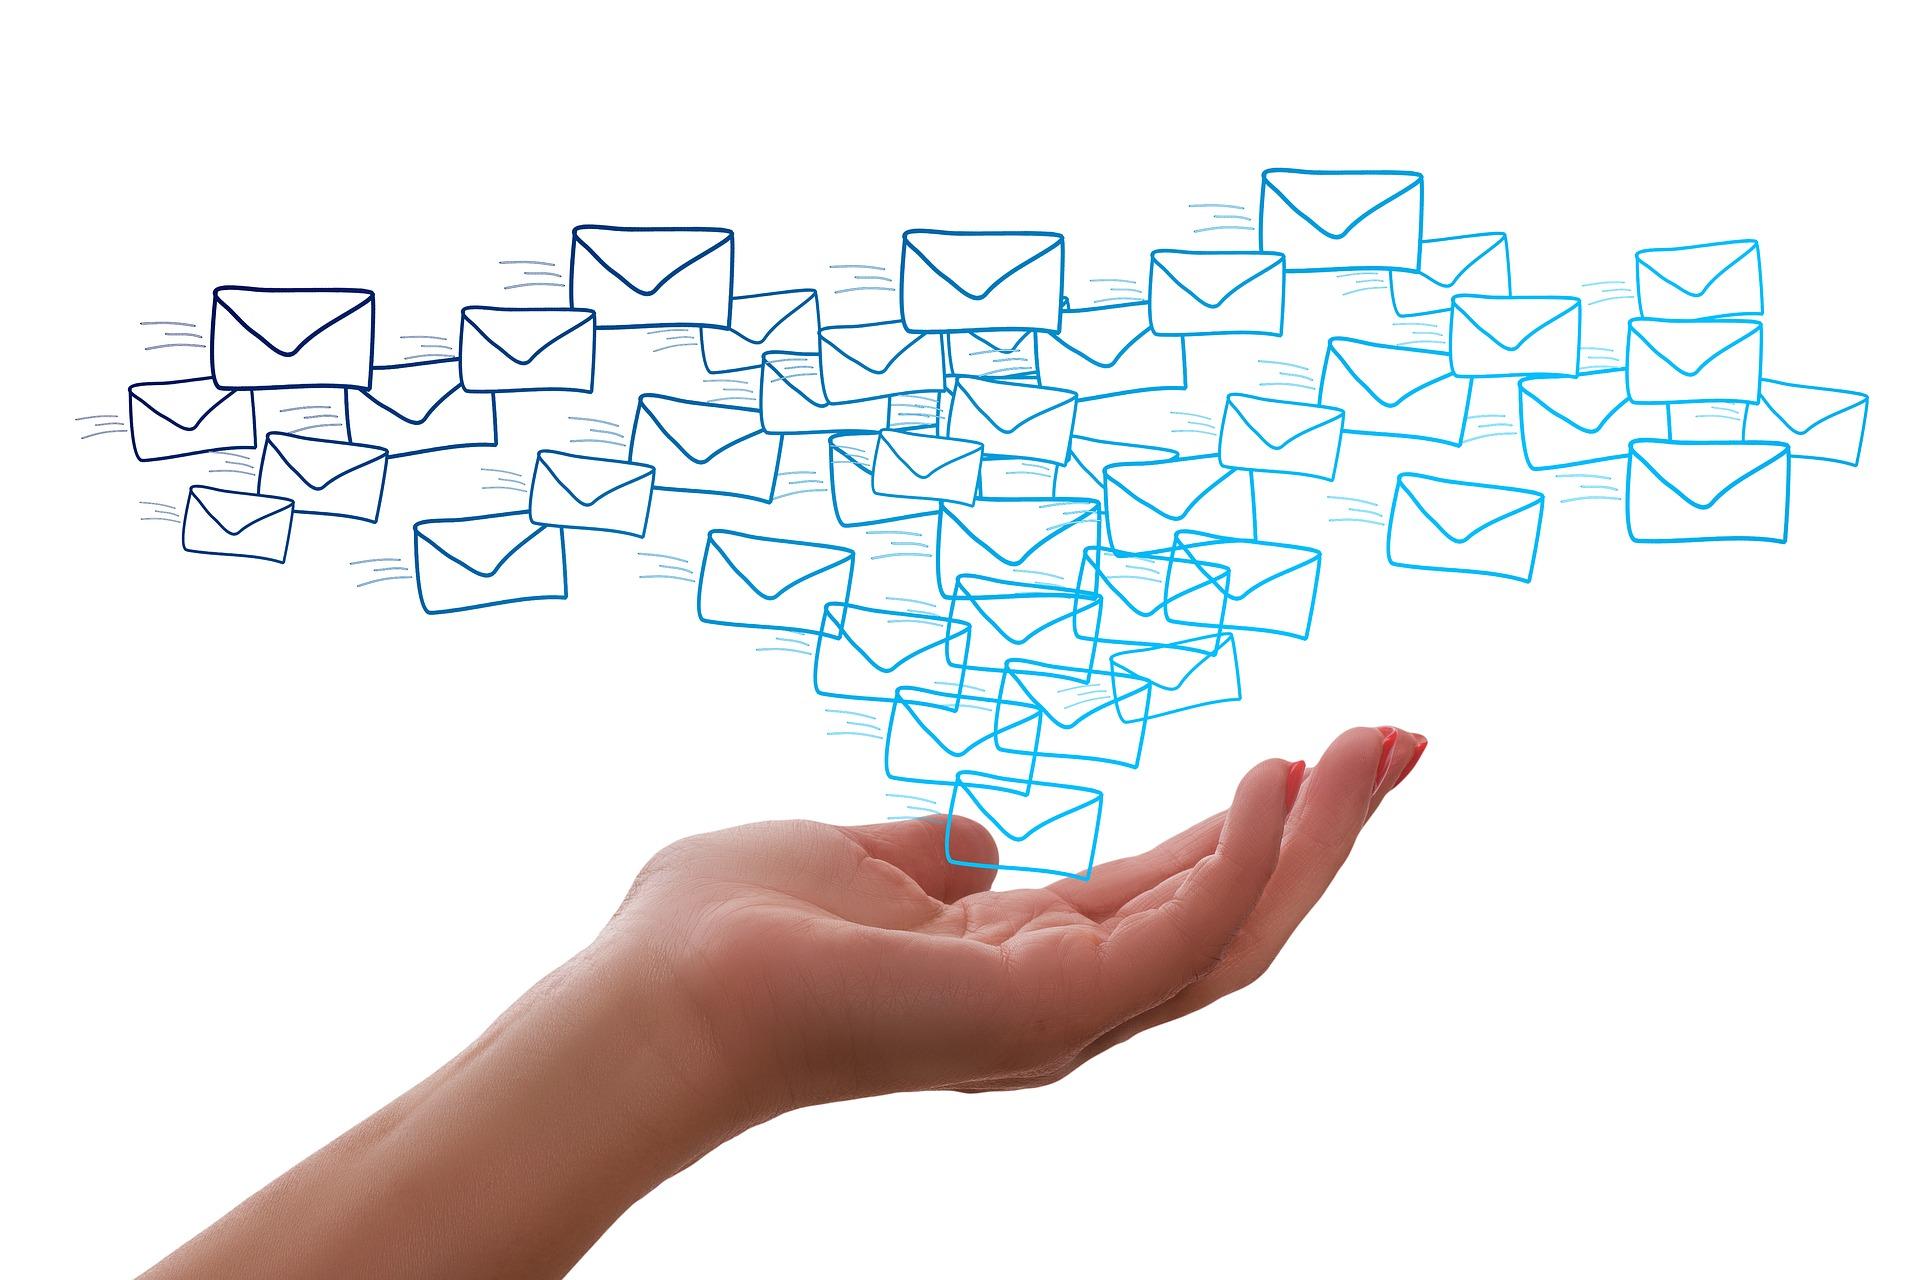 大量のメールを送っている画像